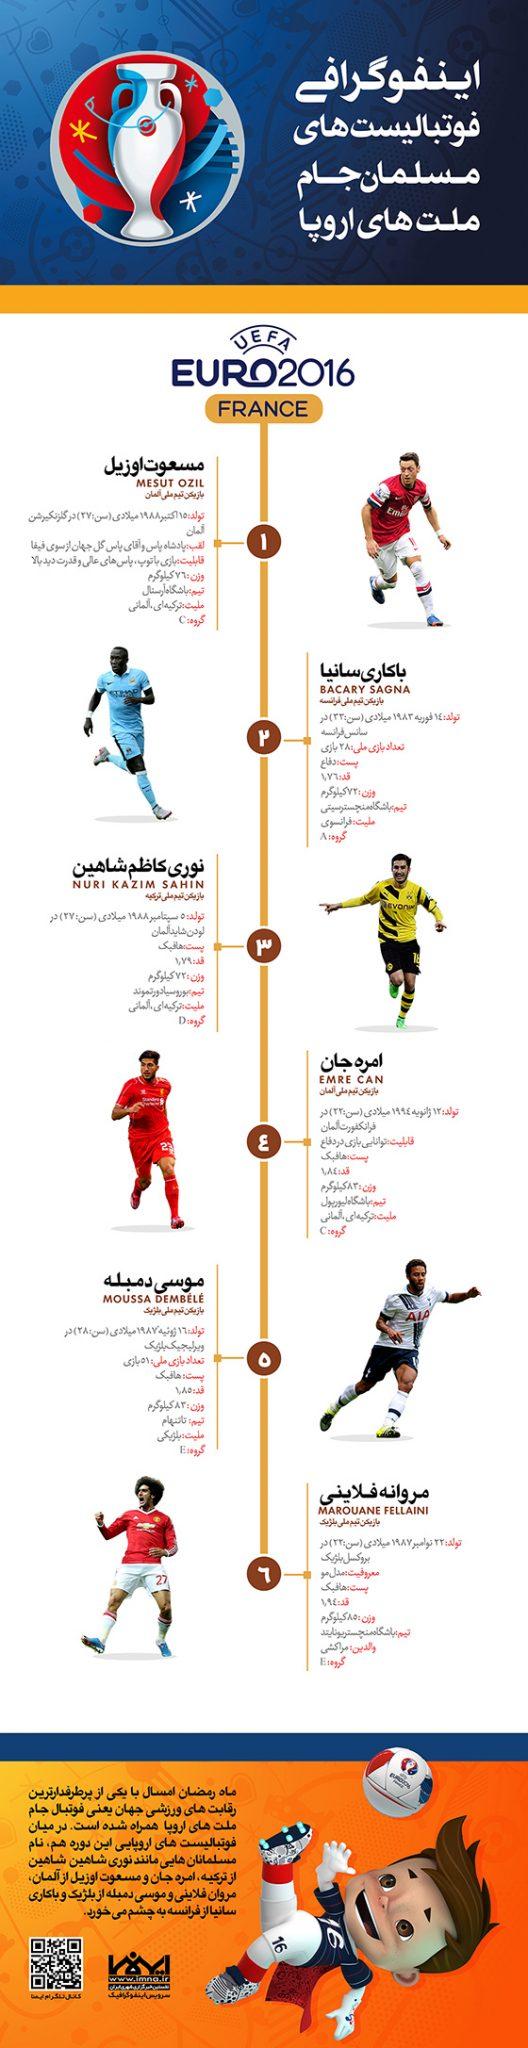 اینفوگرافیک فوتبالیست های مسلمان جام ملت های اروپا